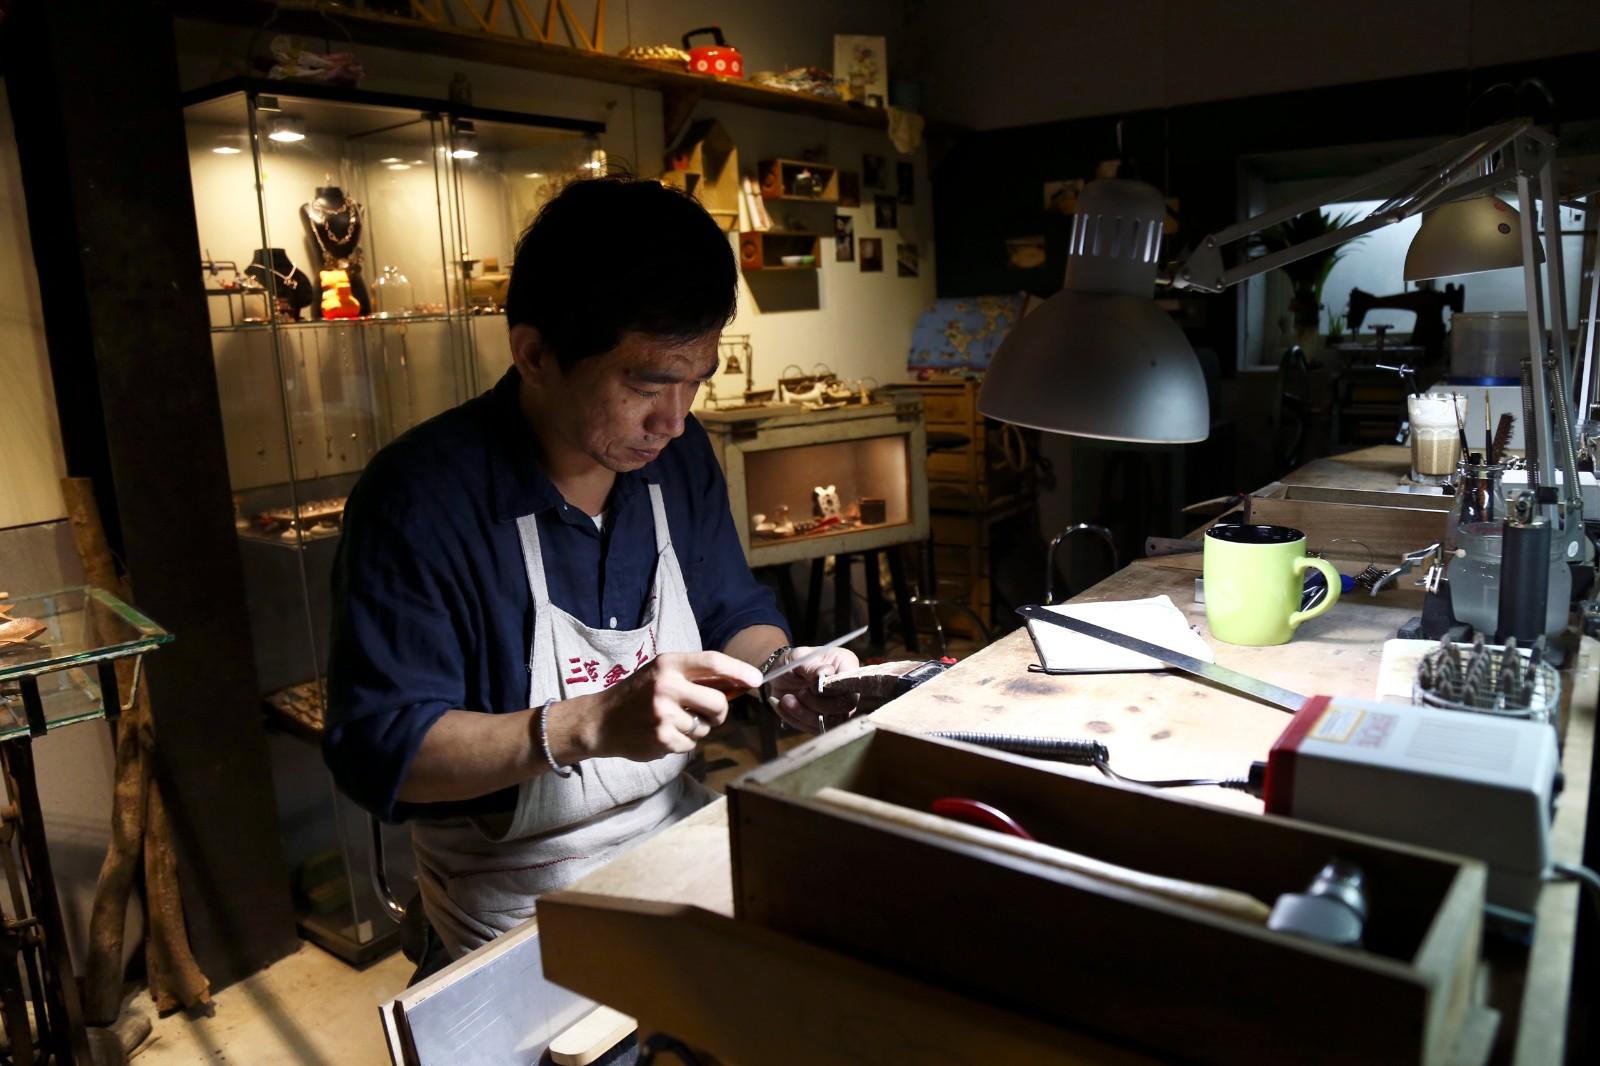 一日職人DIY體驗 - 三峽金工職人   甘樂文創   甘之如飴,樂在其中